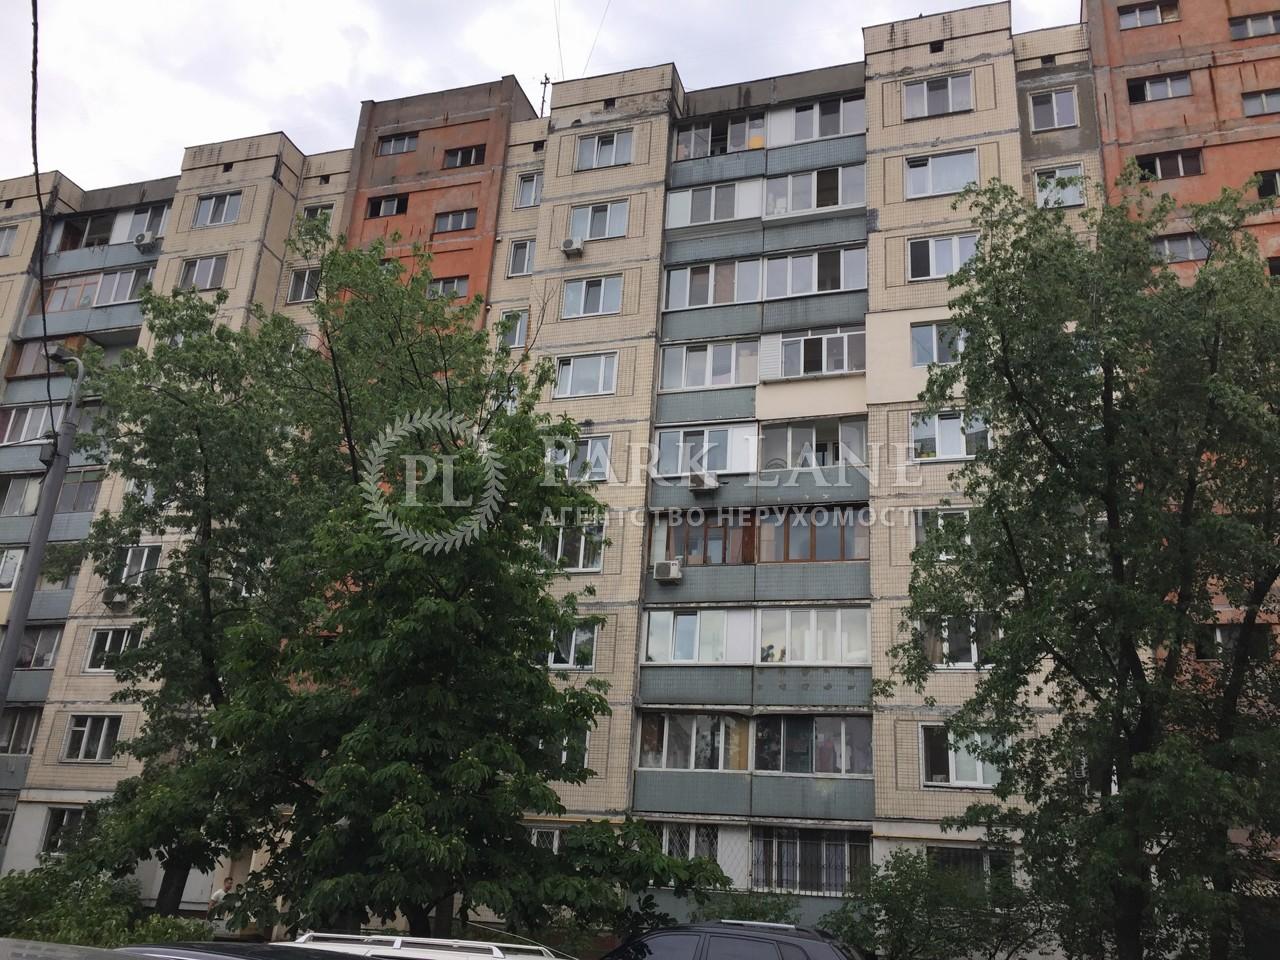 Квартира ул. Никольско-Слободская, 4, Киев, Z-582199 - Фото 1